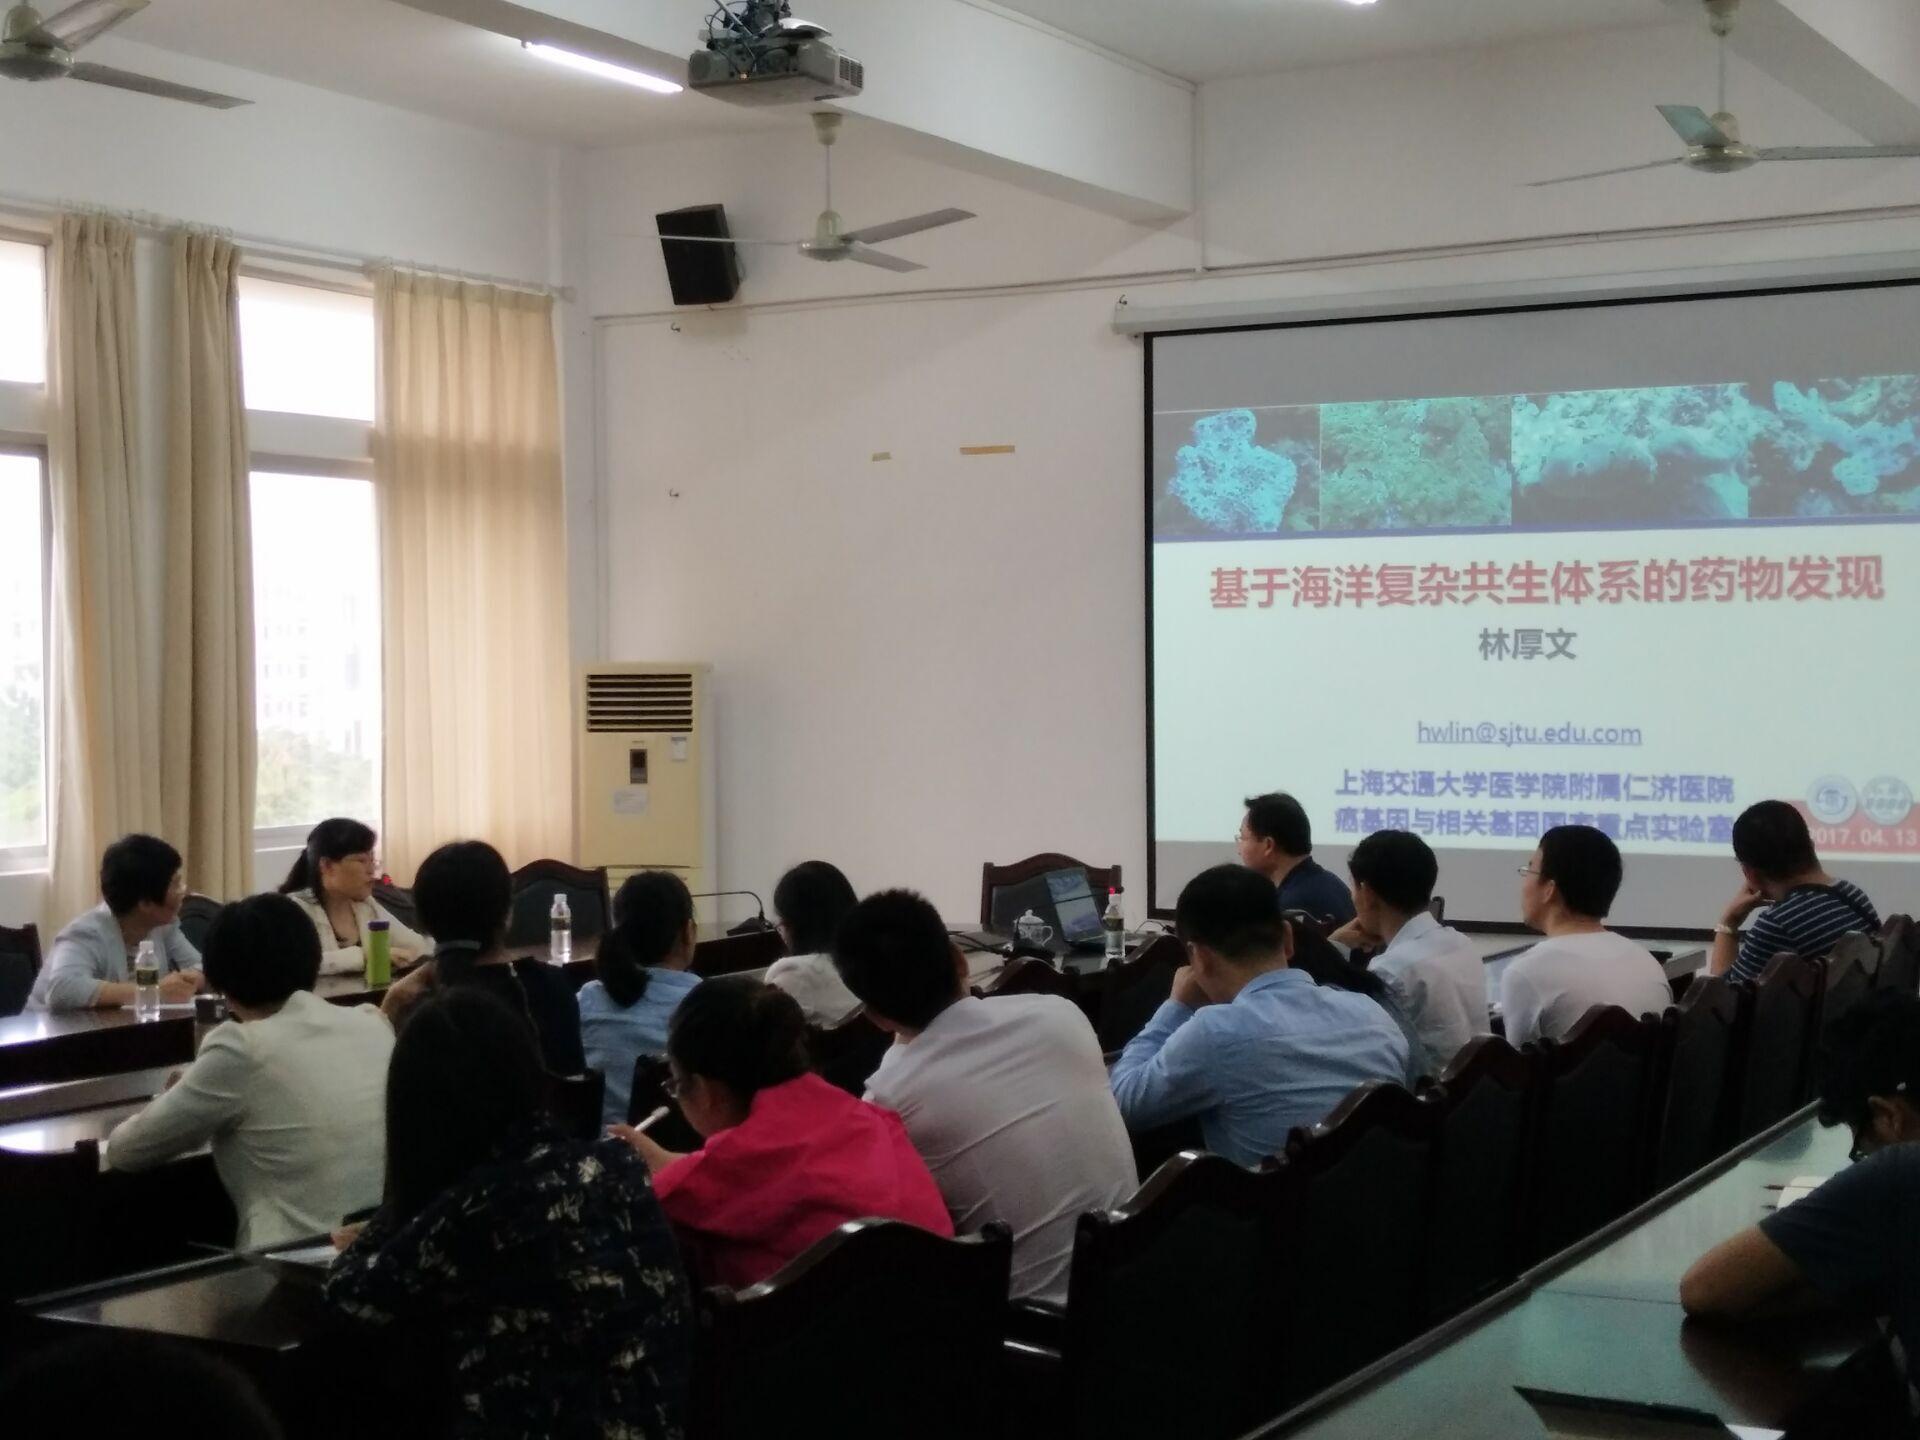 我院特邀上海交通大学林厚文教授做学术报告